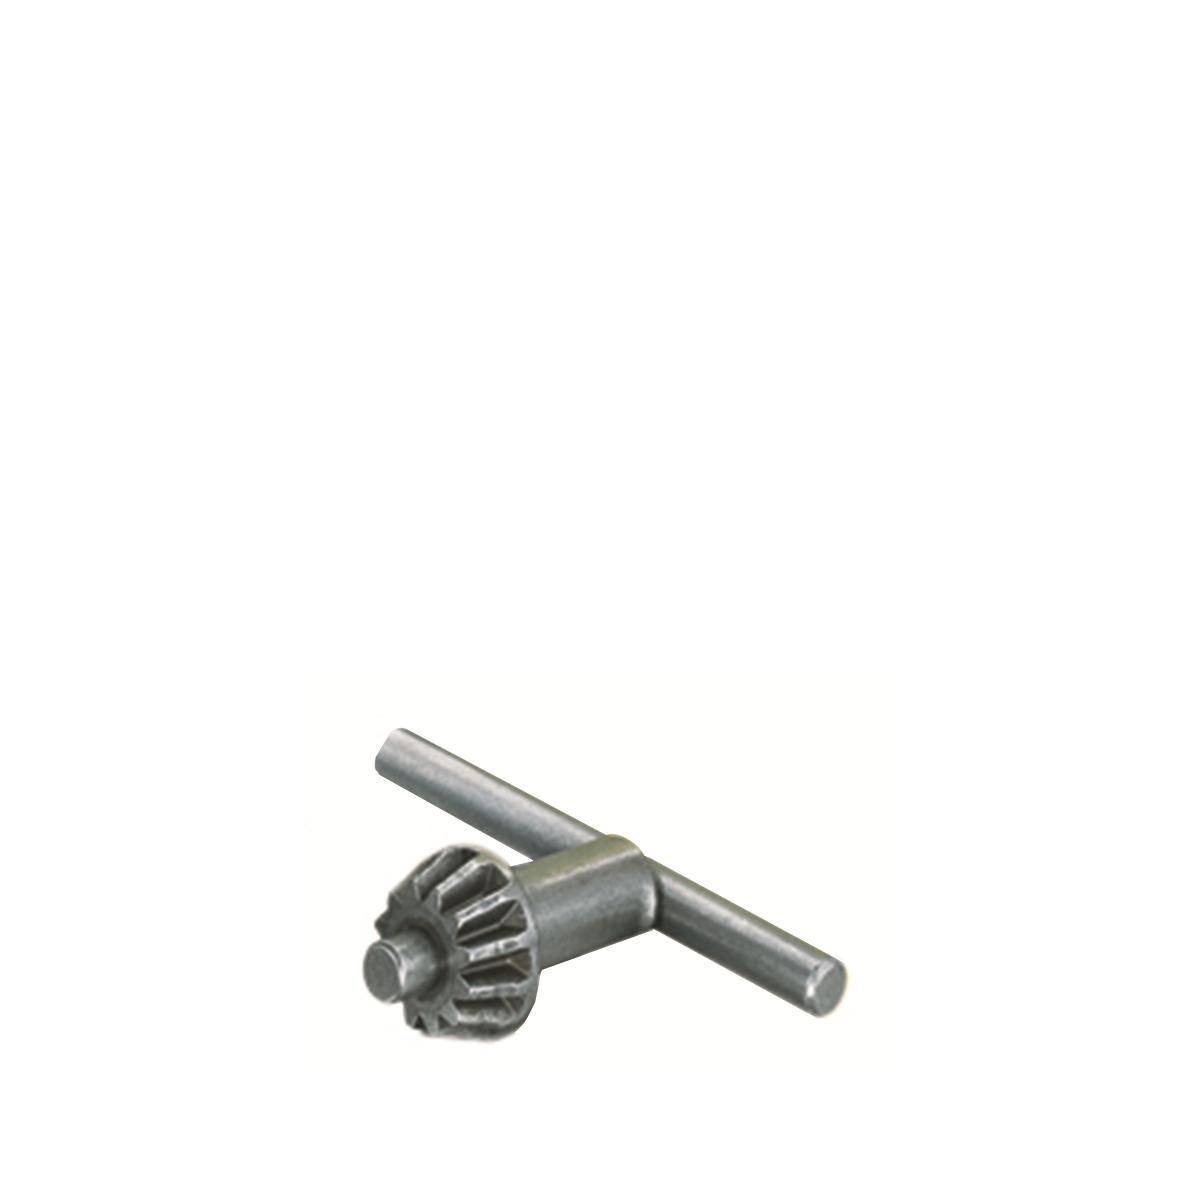 Bohrfutterschlüssel 5-20mm Metall Zahnkranz Bohrfutter Schlüsel